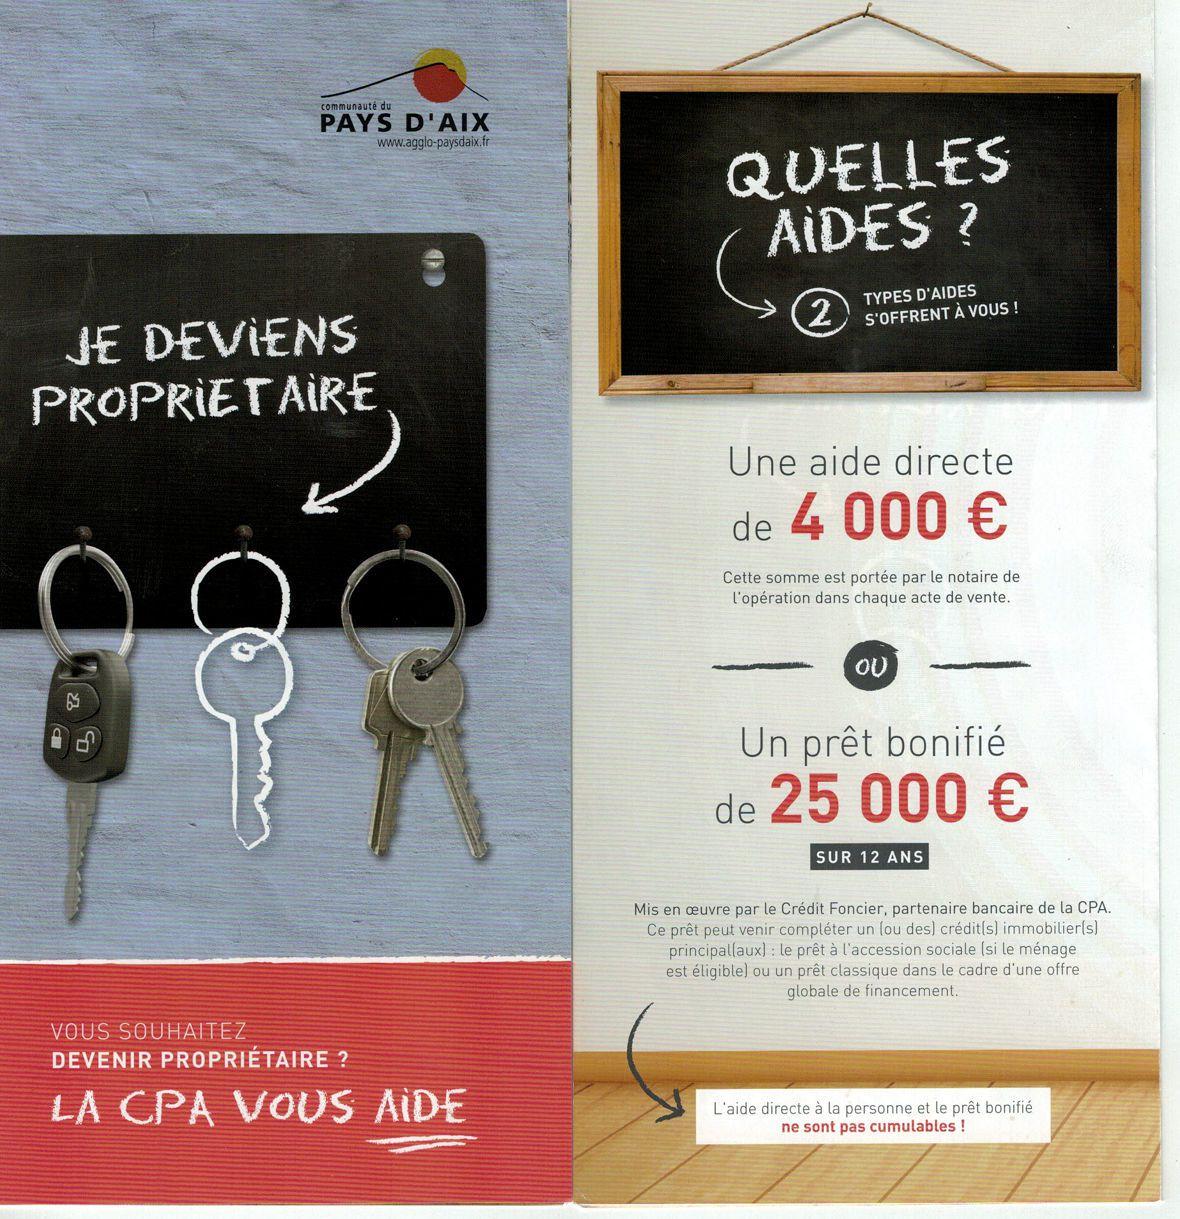 Logement-Habitat: Les aides de la Communauté du Pays d'Aix